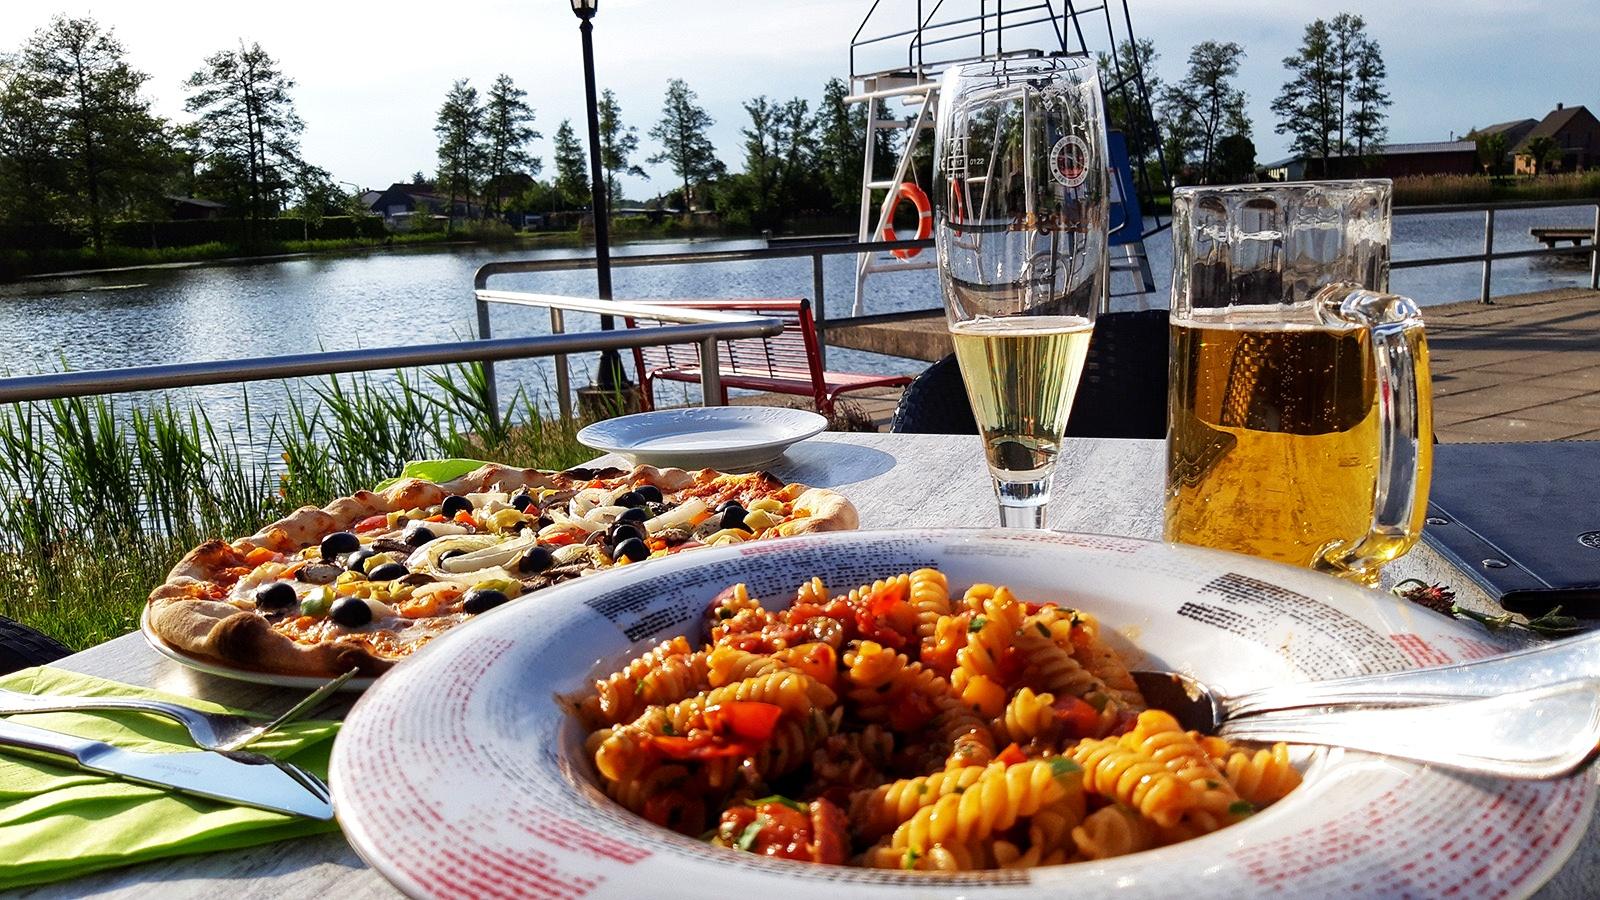 Pizza und Pasta auf einem Terrassentisch am See